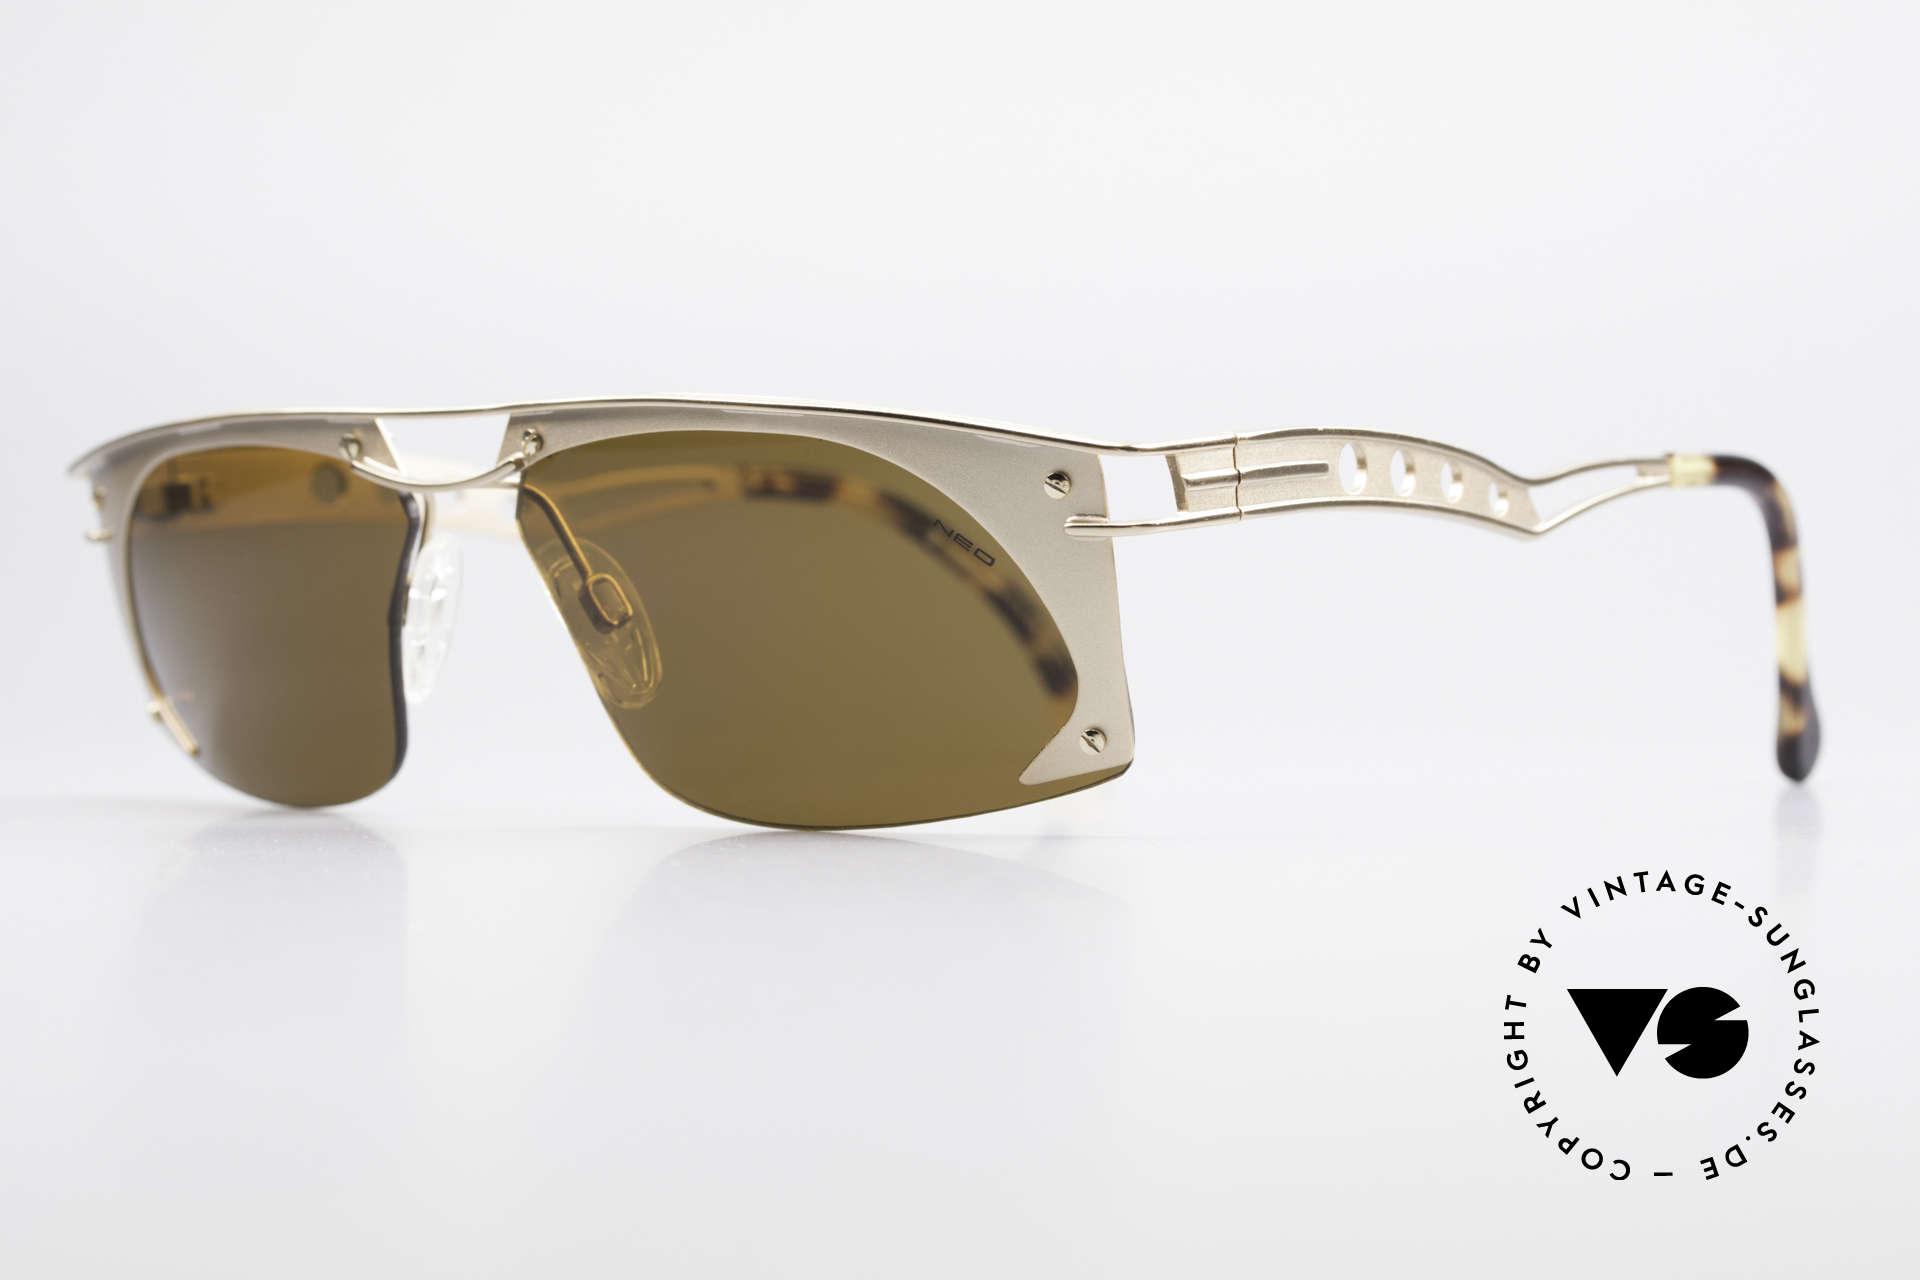 """Neostyle Holiday 968 Steampunk 90er Sonnenbrille, gerne als """"STEAMPUNK-Sonnenbrille"""" bezeichnet, Passend für Herren"""